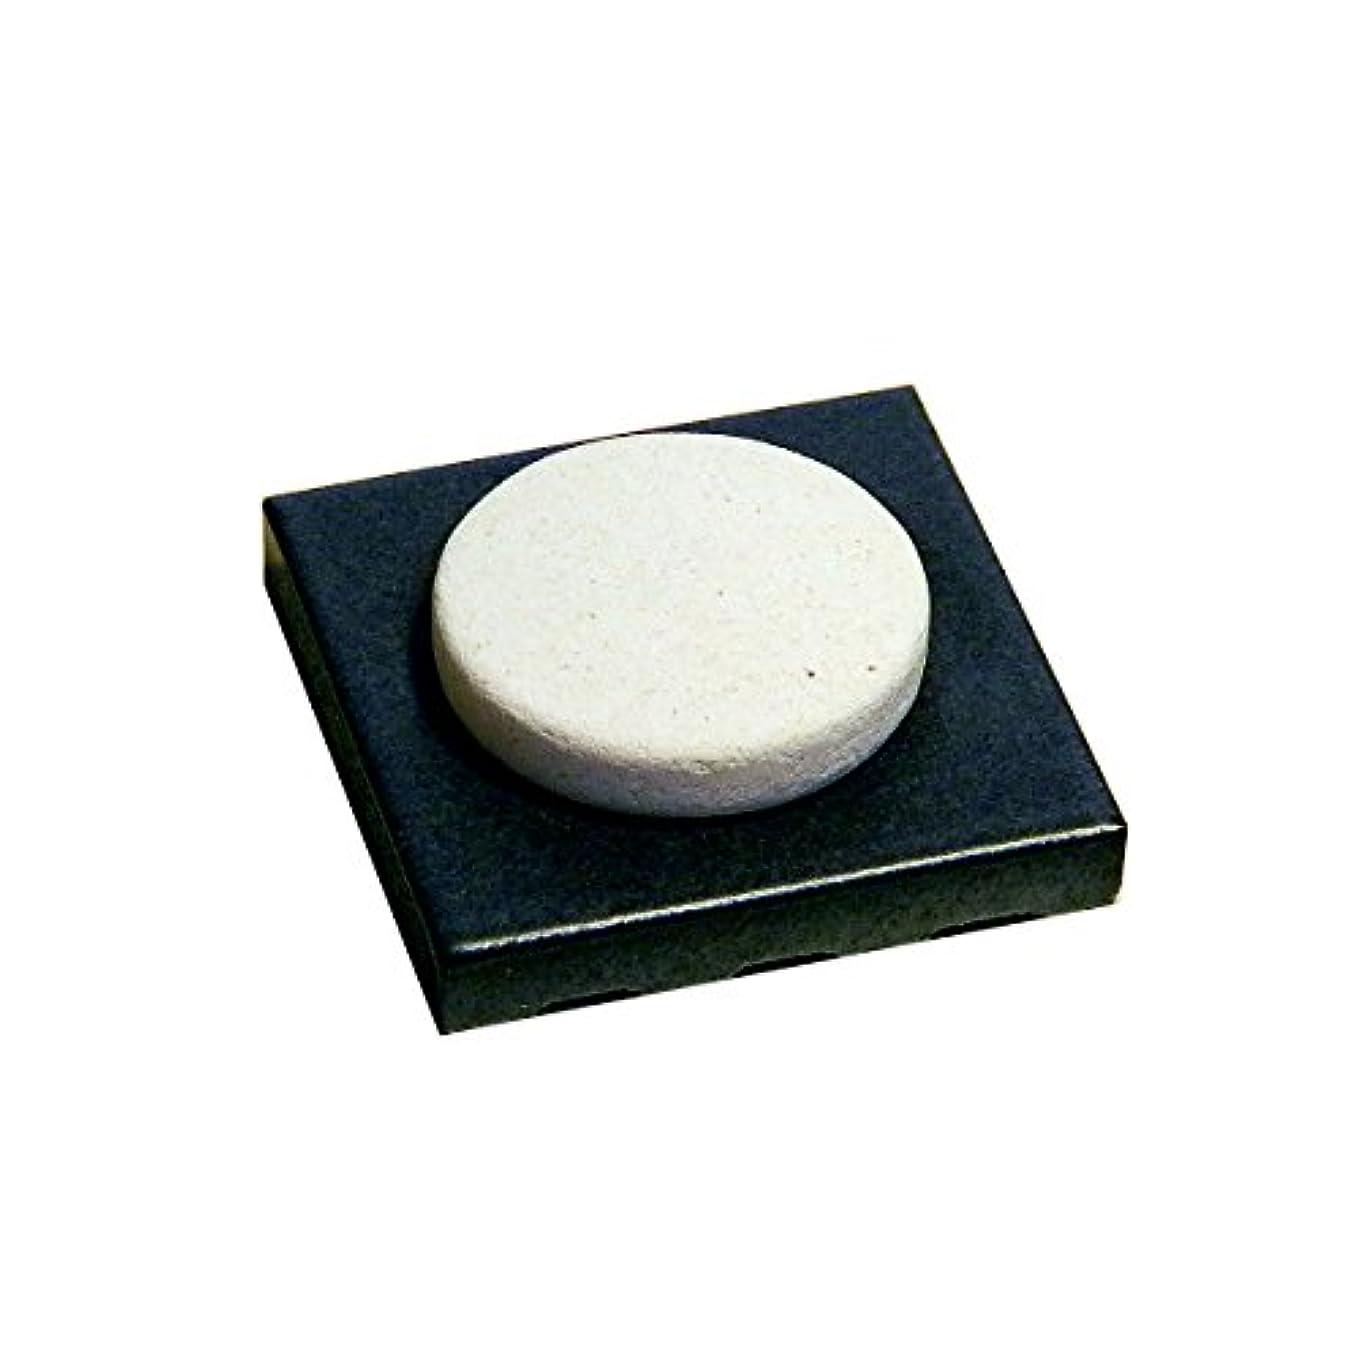 タイムリーな刈るスワップ〔立風屋〕珪藻土アロマプレート美濃焼タイルセット ブラック(黒) RPAP-01003-BK